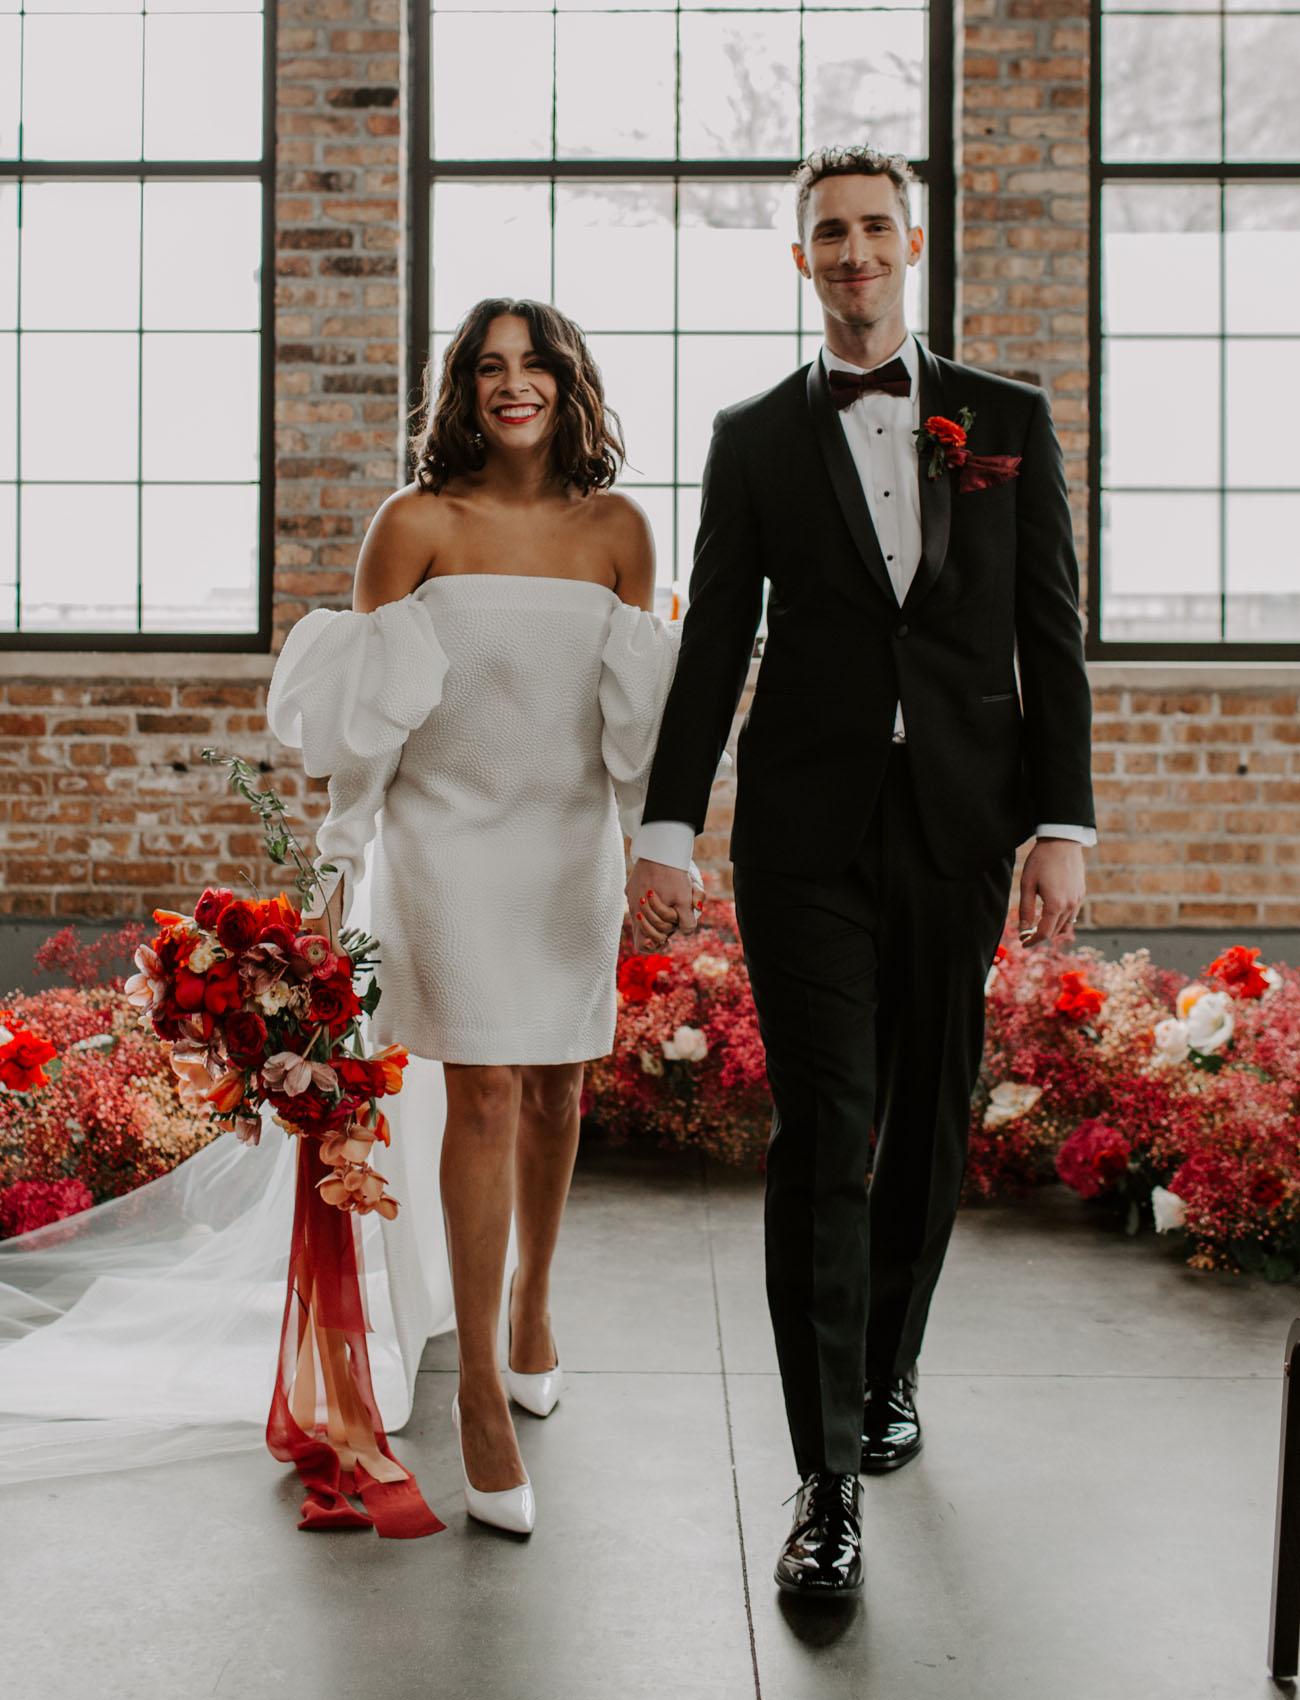 Short Wedding Dresses for Brides